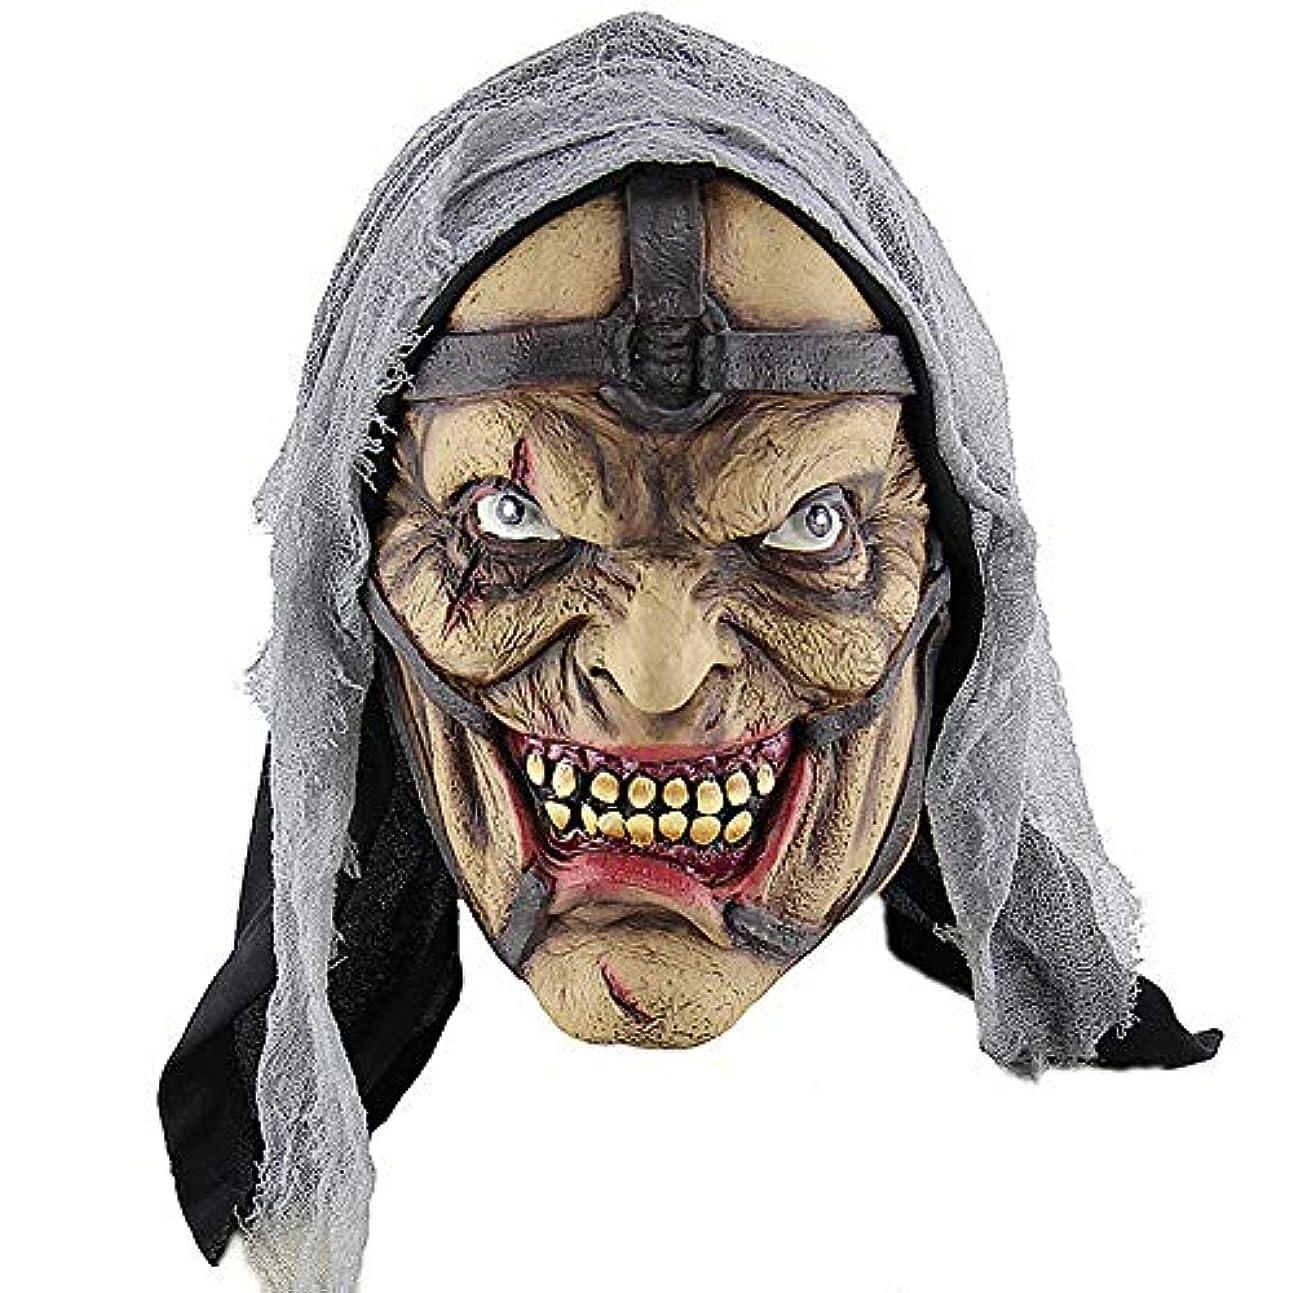 地上でスライムビバヘッドギアハロウィーンホラー魔女ポン引きモンスターマスクラテックスゴーストマスクヘッドギア頭囲65cm以下